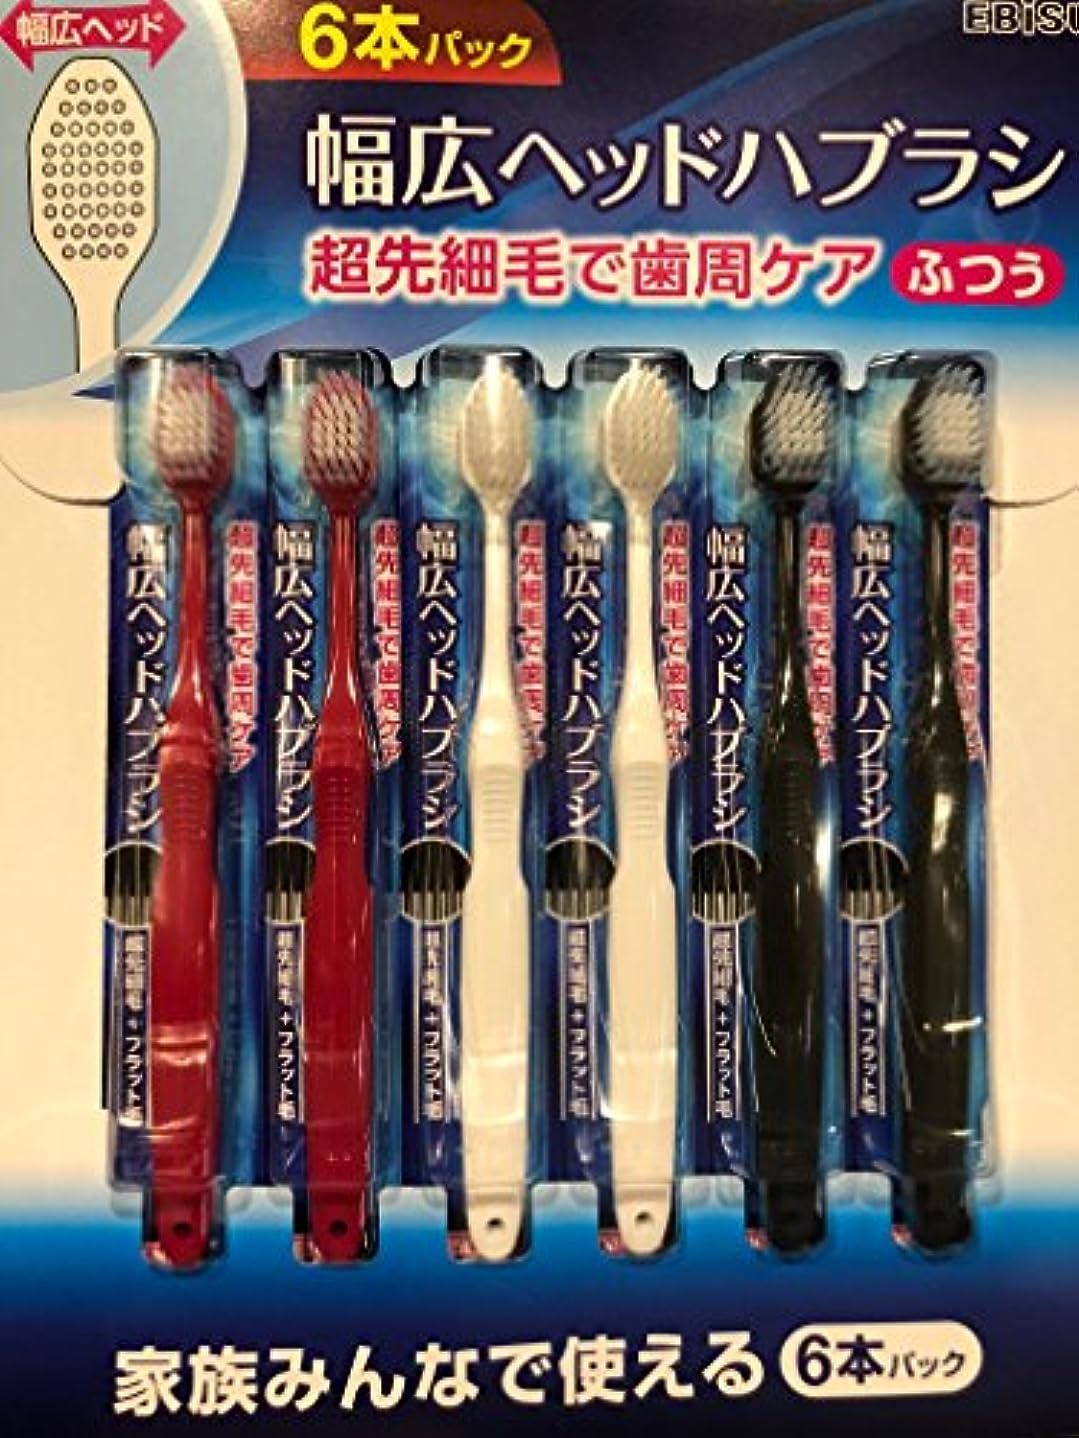 トレイティーム静かな幅広ヘッドハブラシ 歯ブラシ 【ふつう】ボリューム6本パック (黒 白 赤 各2本ずつ) 家族みんなで使える!